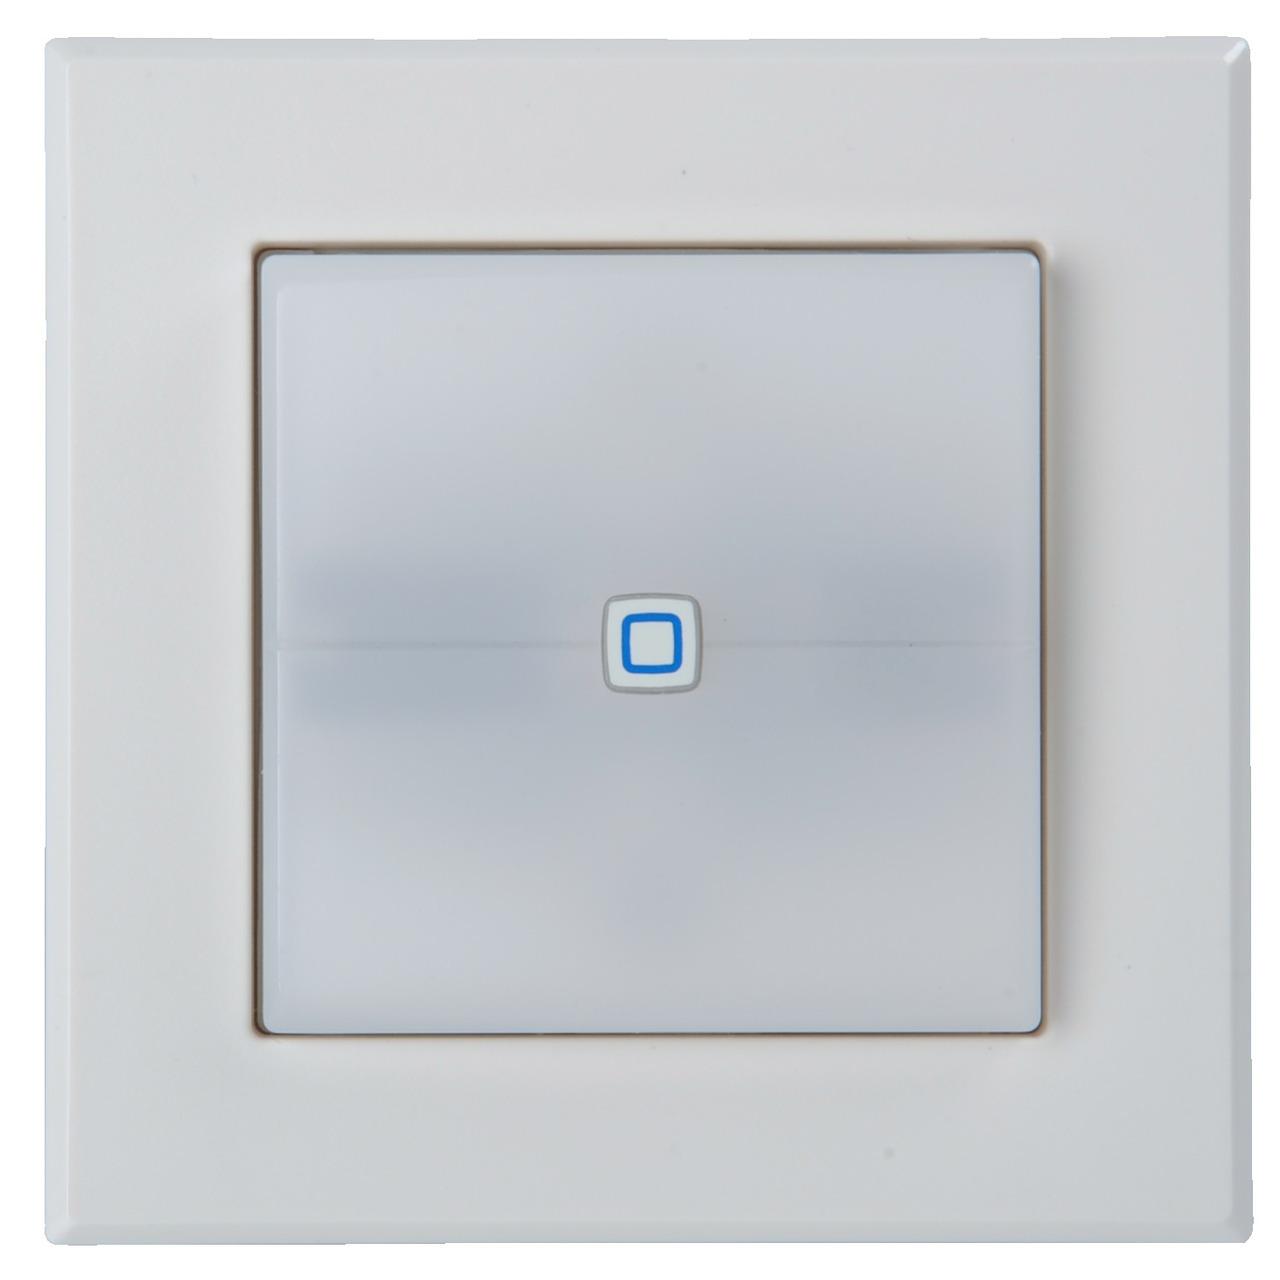 ELV Homematic IP Bausatz Schaltaktor für Markenschalter mit Signalleuchte HmIP-BSL